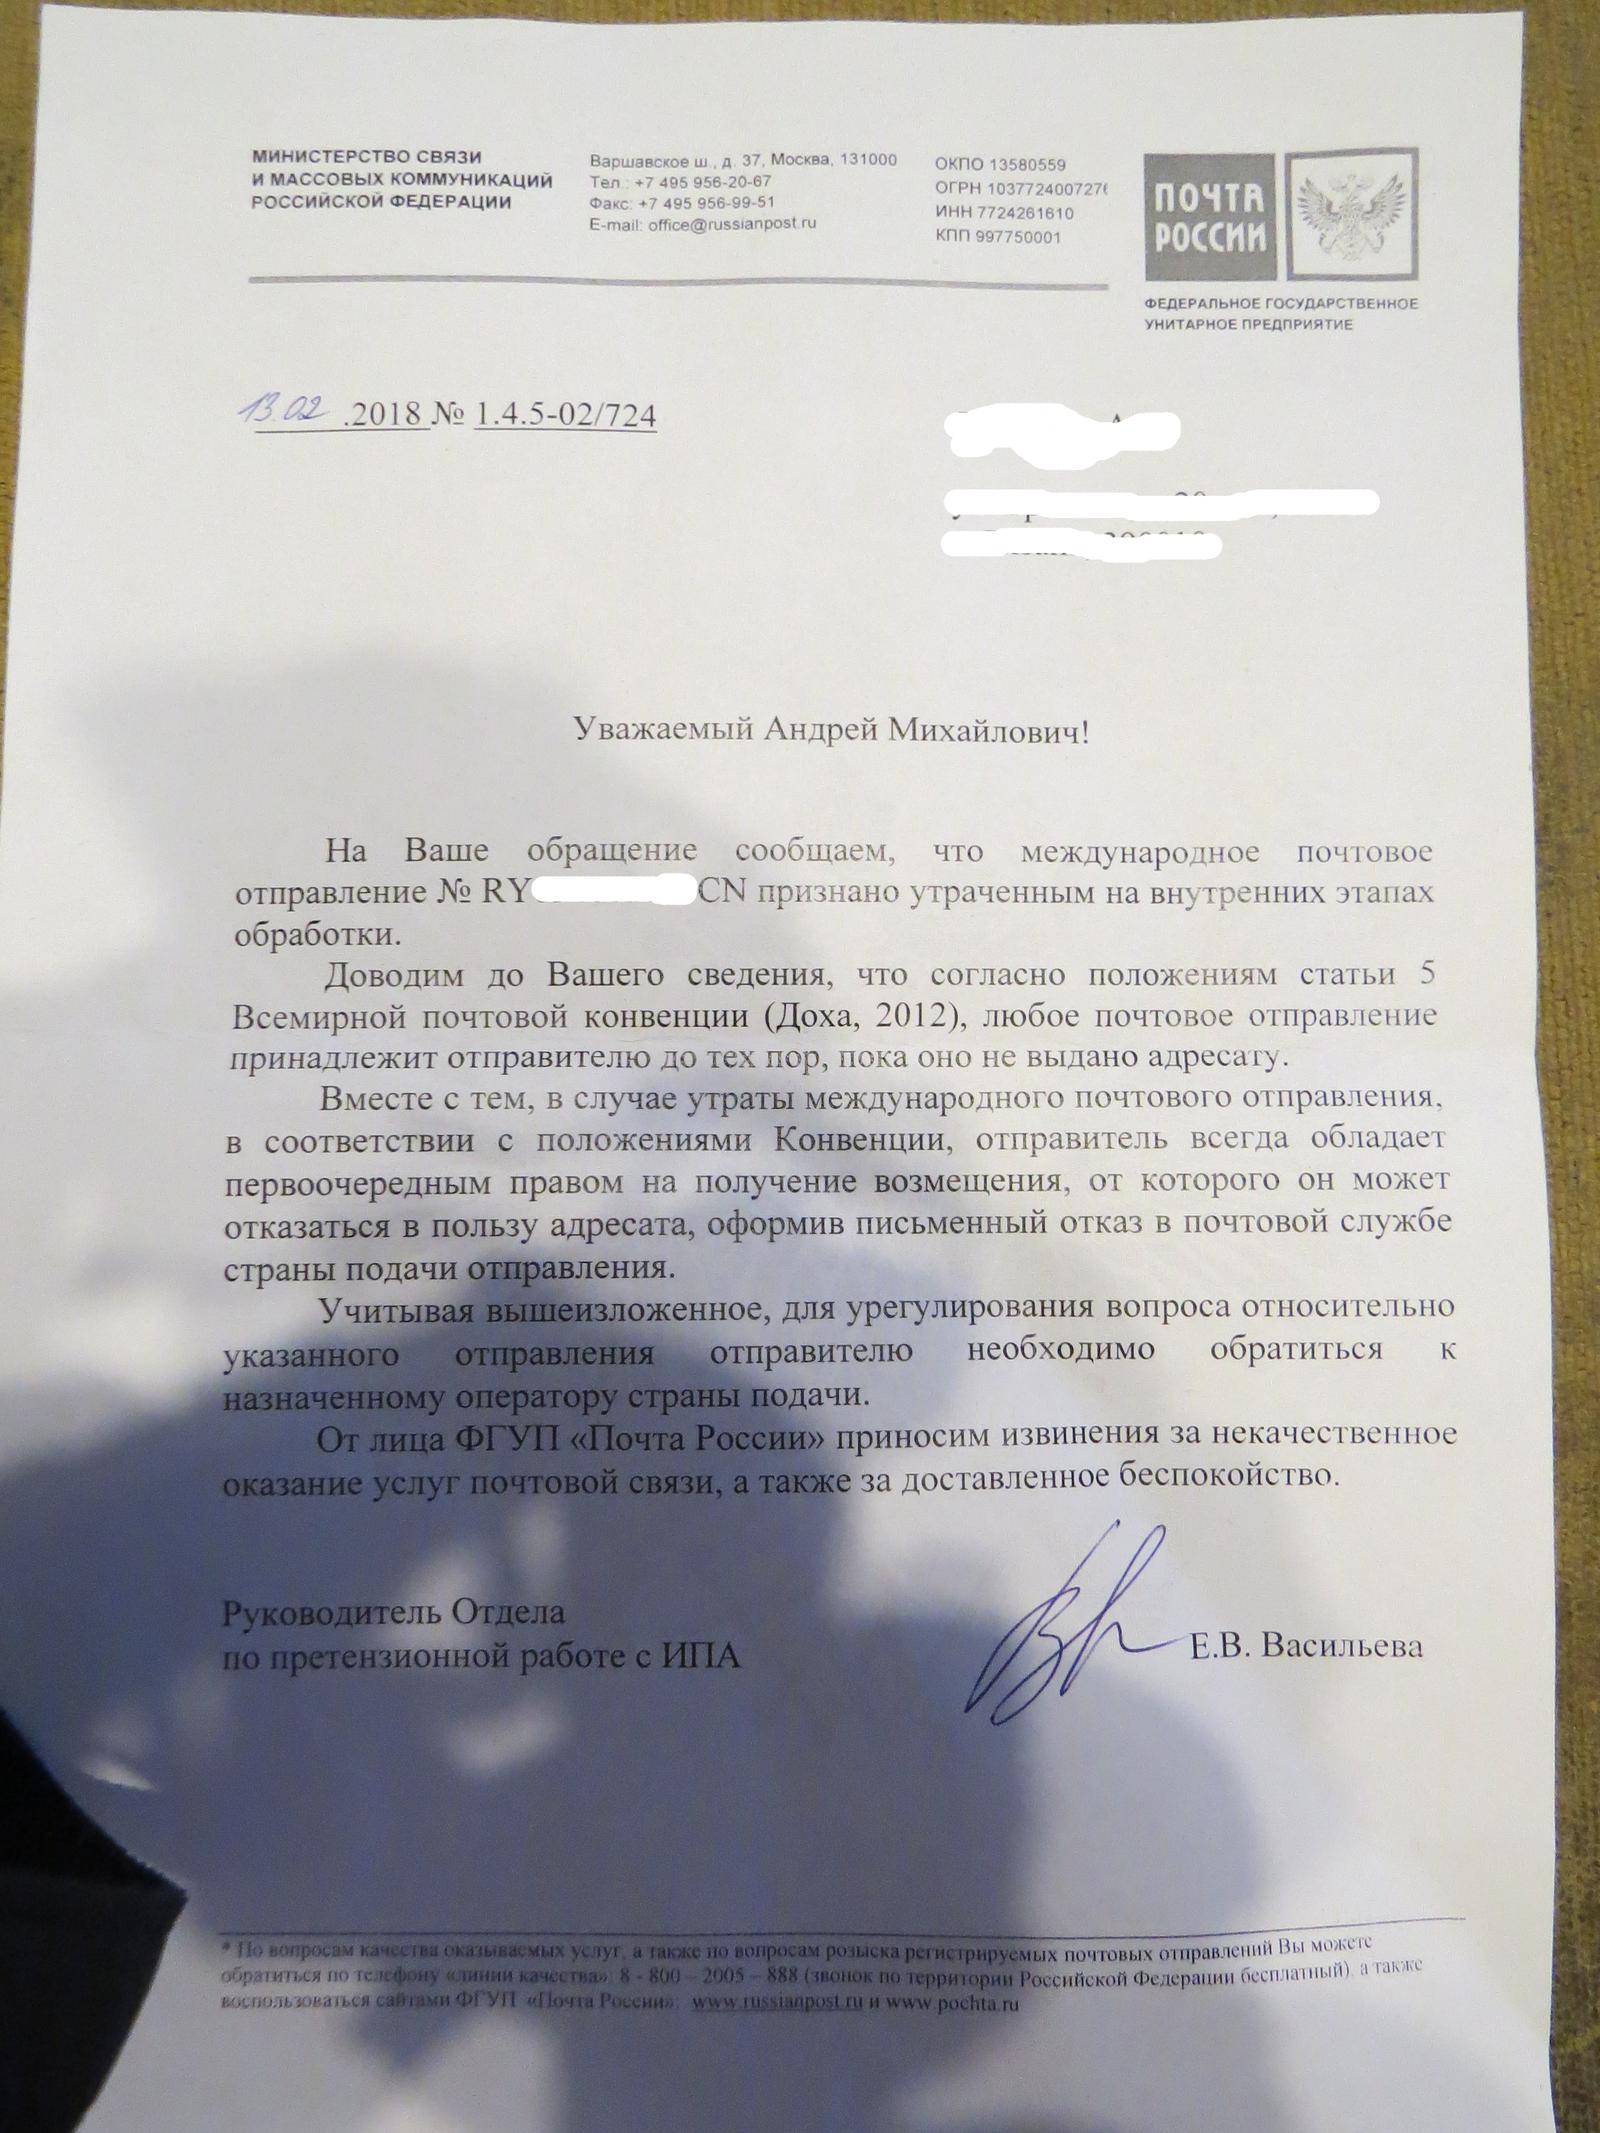 Пожаловаться почта россии